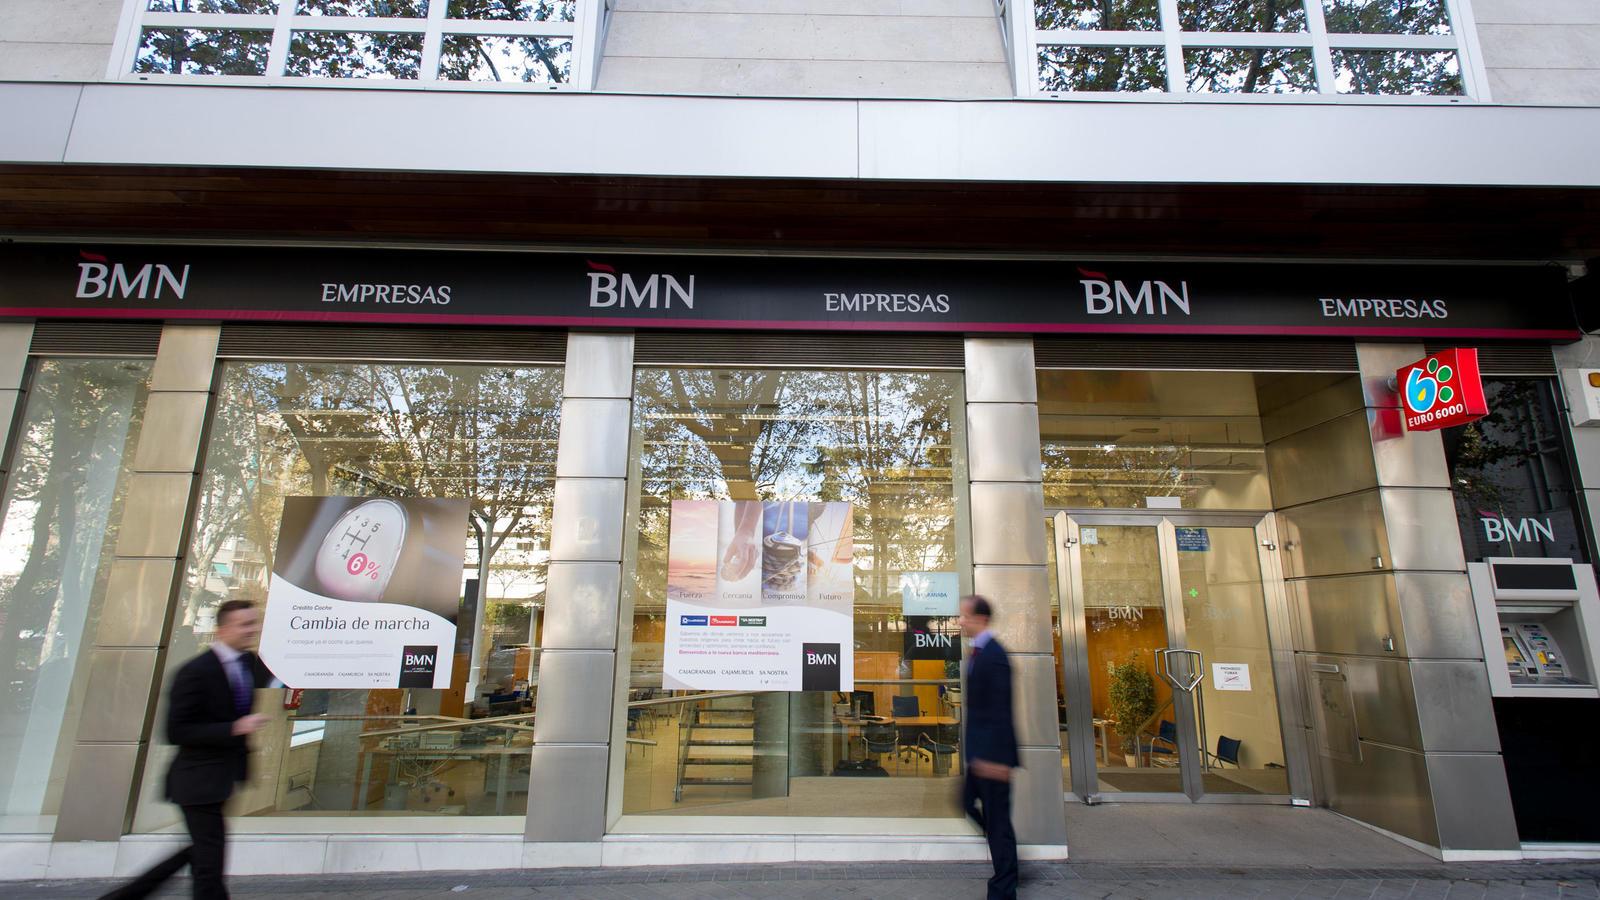 El presidente de bmn desea un proceso de fusi n con bankia for Oficinas de bankia en madrid